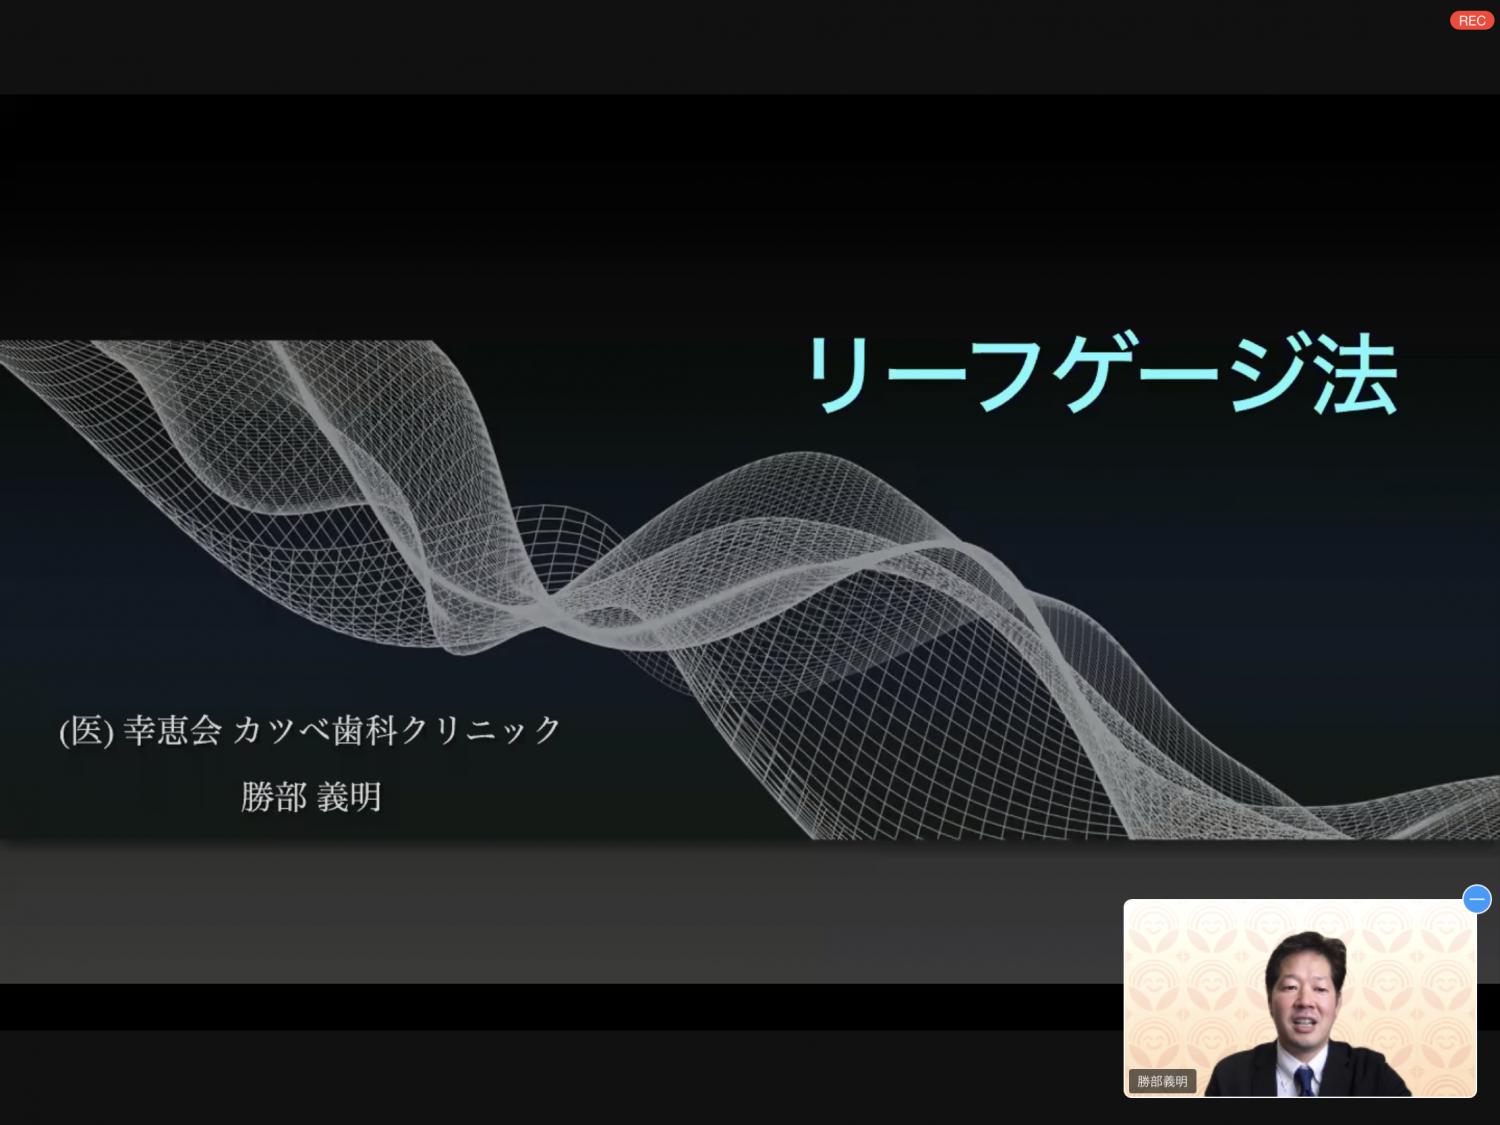 院長が日本顎咬合学会にて講演をおこないました